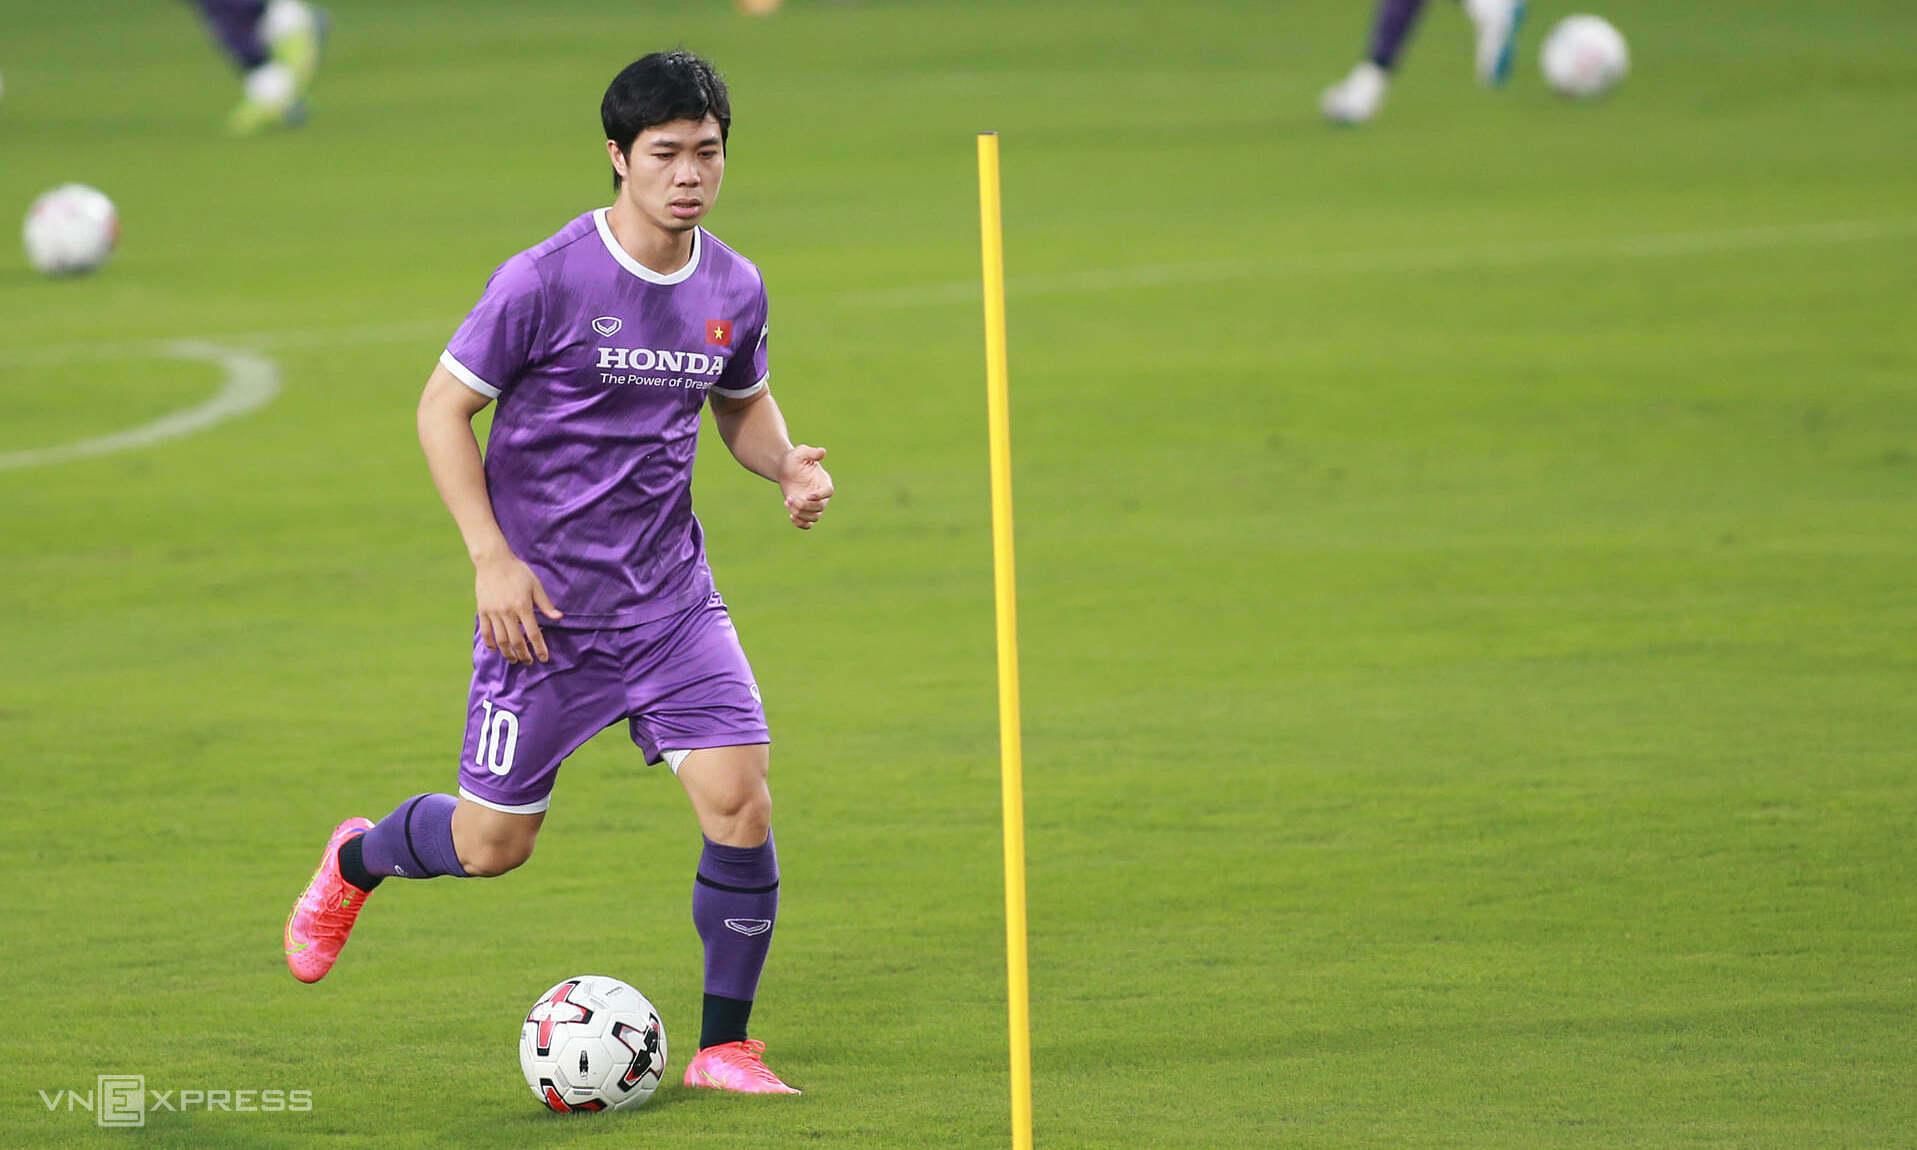 Cong Phuong ยิงหกประตูใน V-League ฤดูกาลนี้รวมถึงผลงานชิ้นเอกจากระยะไกล  ภาพ: ลำทอ